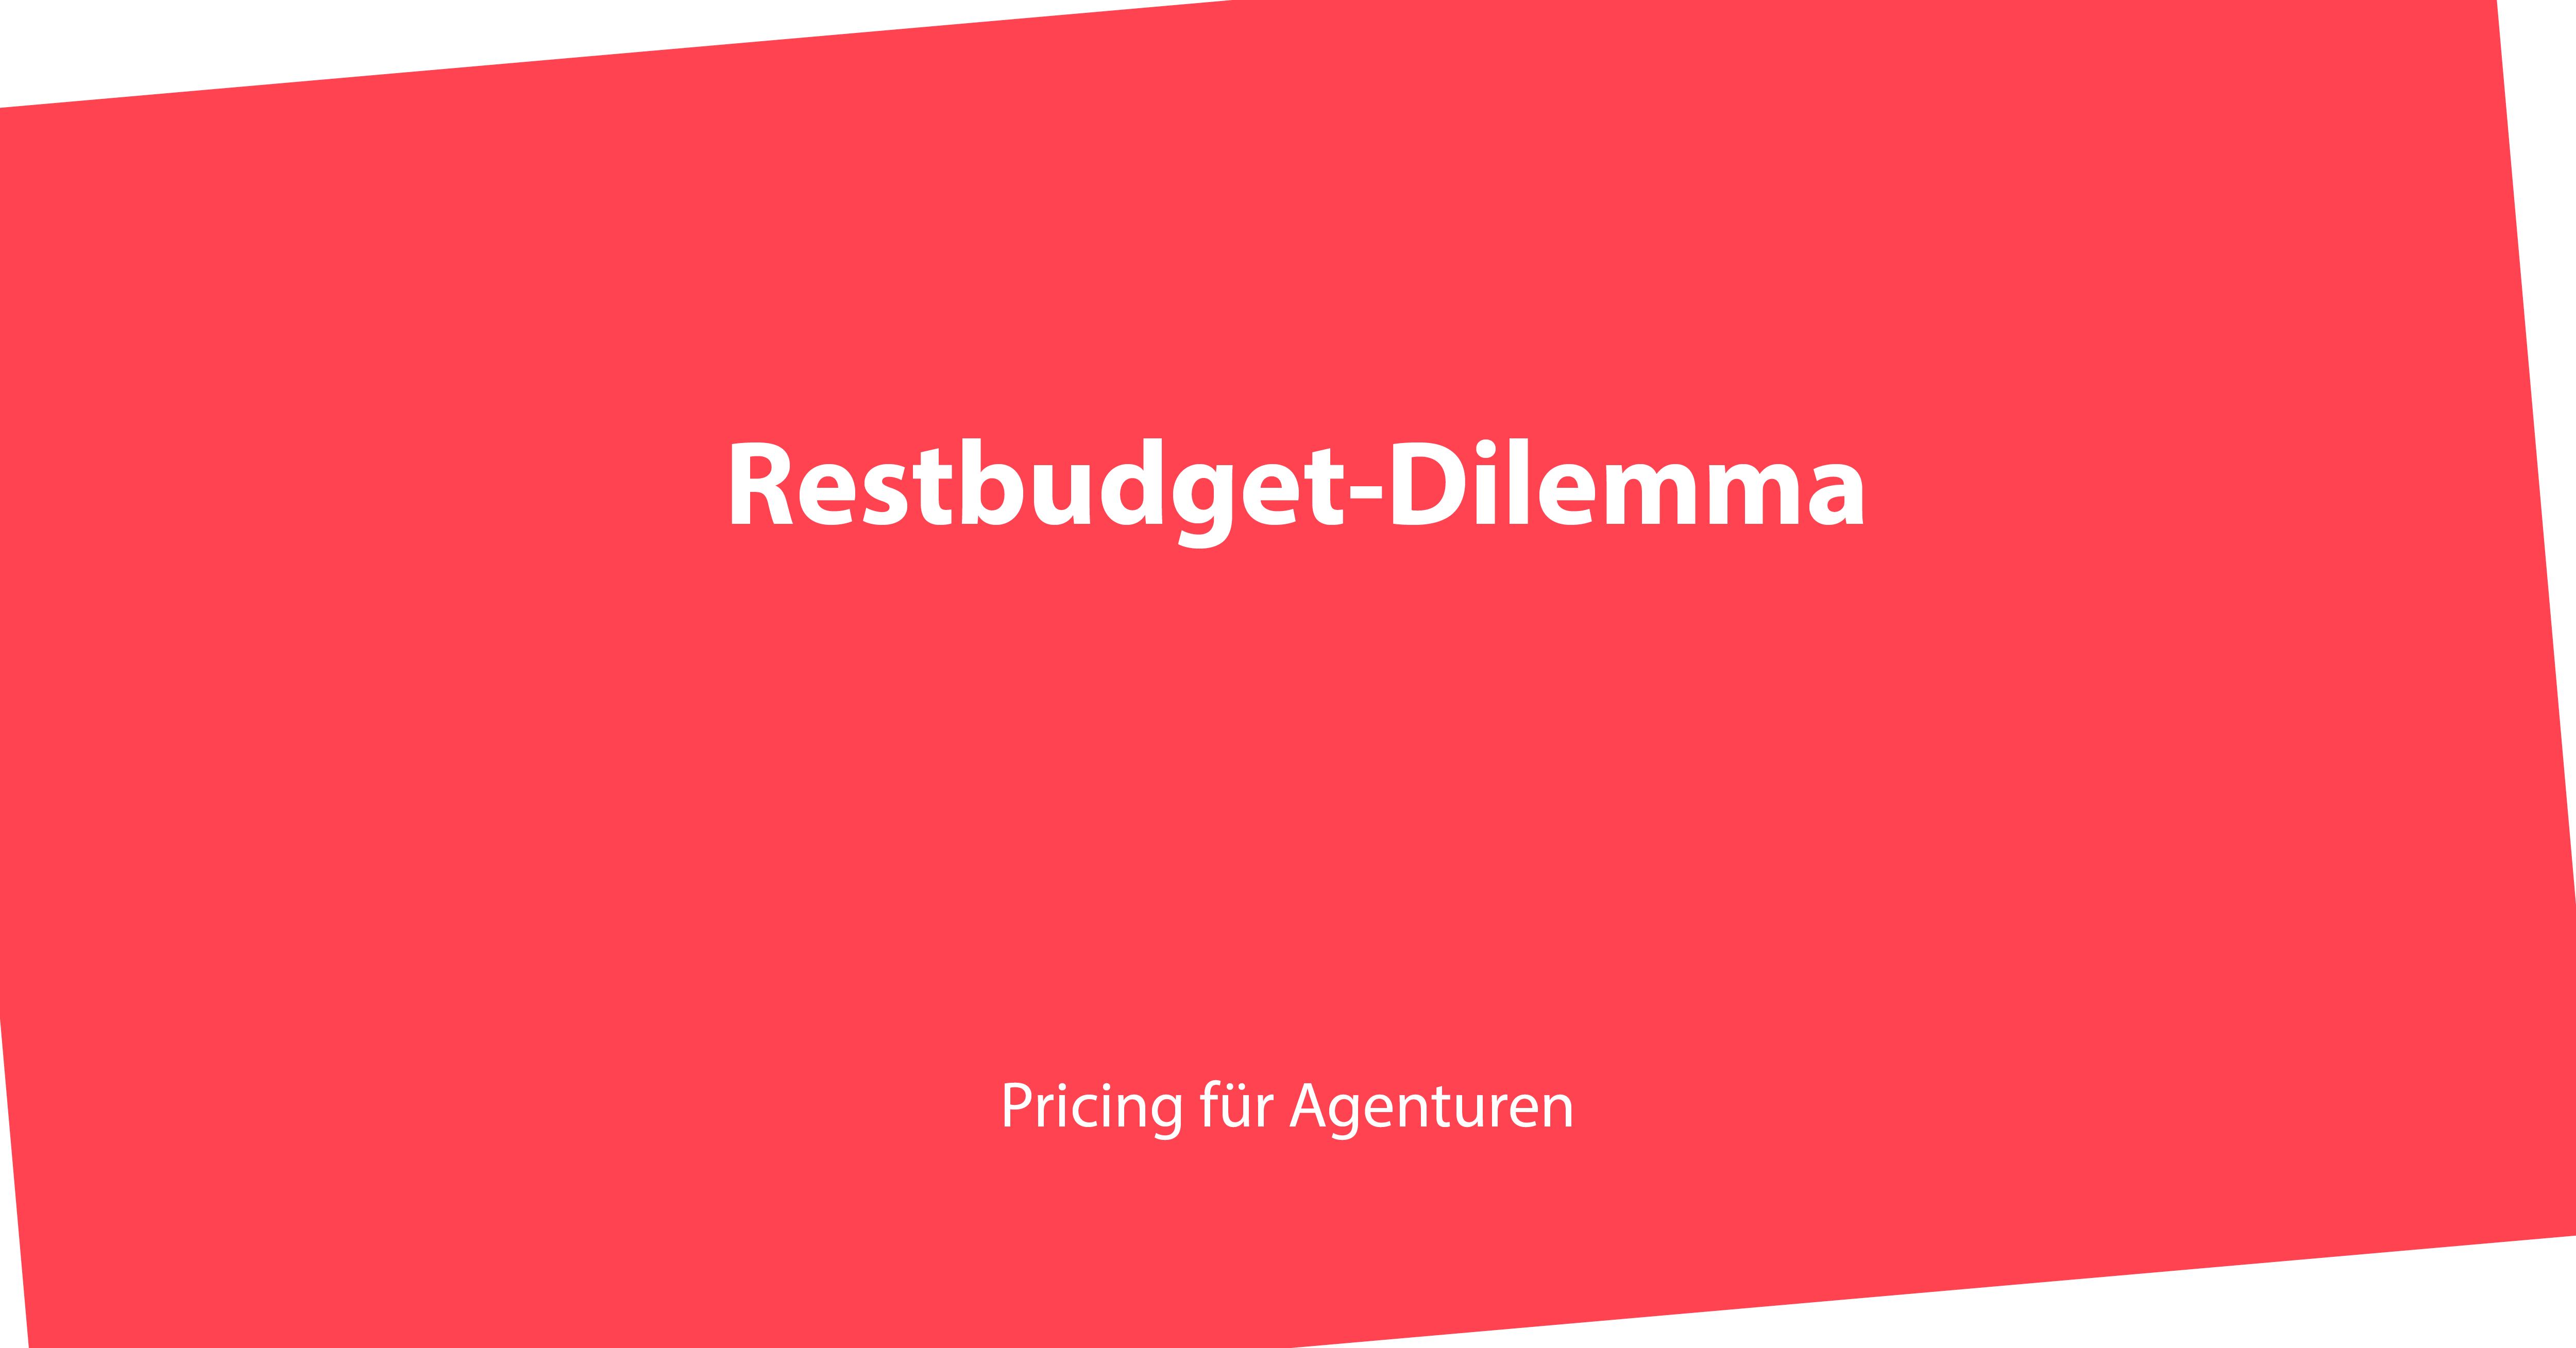 Restbudget, Jahresende, Fördertöpfe, Gelder, Budget, Jahresabschluss